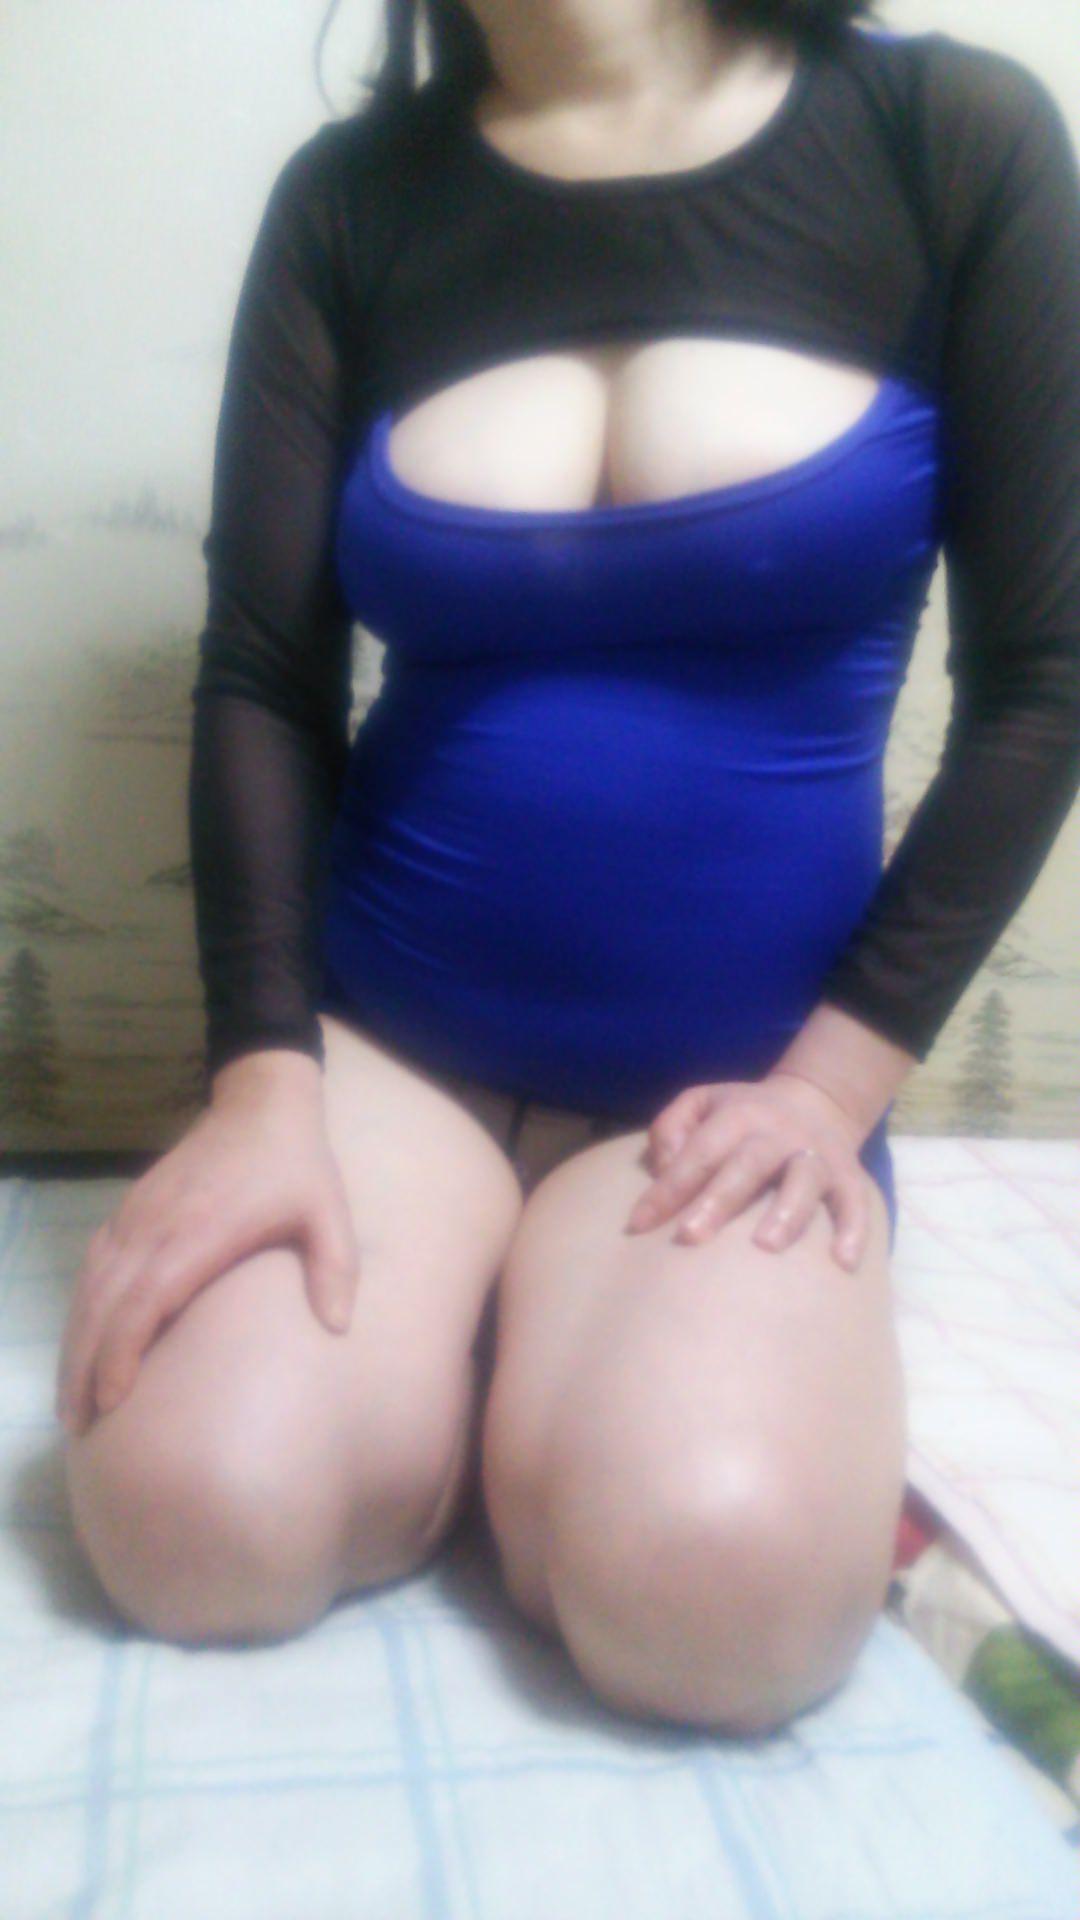 最強にエッチな体した40代熟女の生々しいハメ撮り画像!!!! 2129